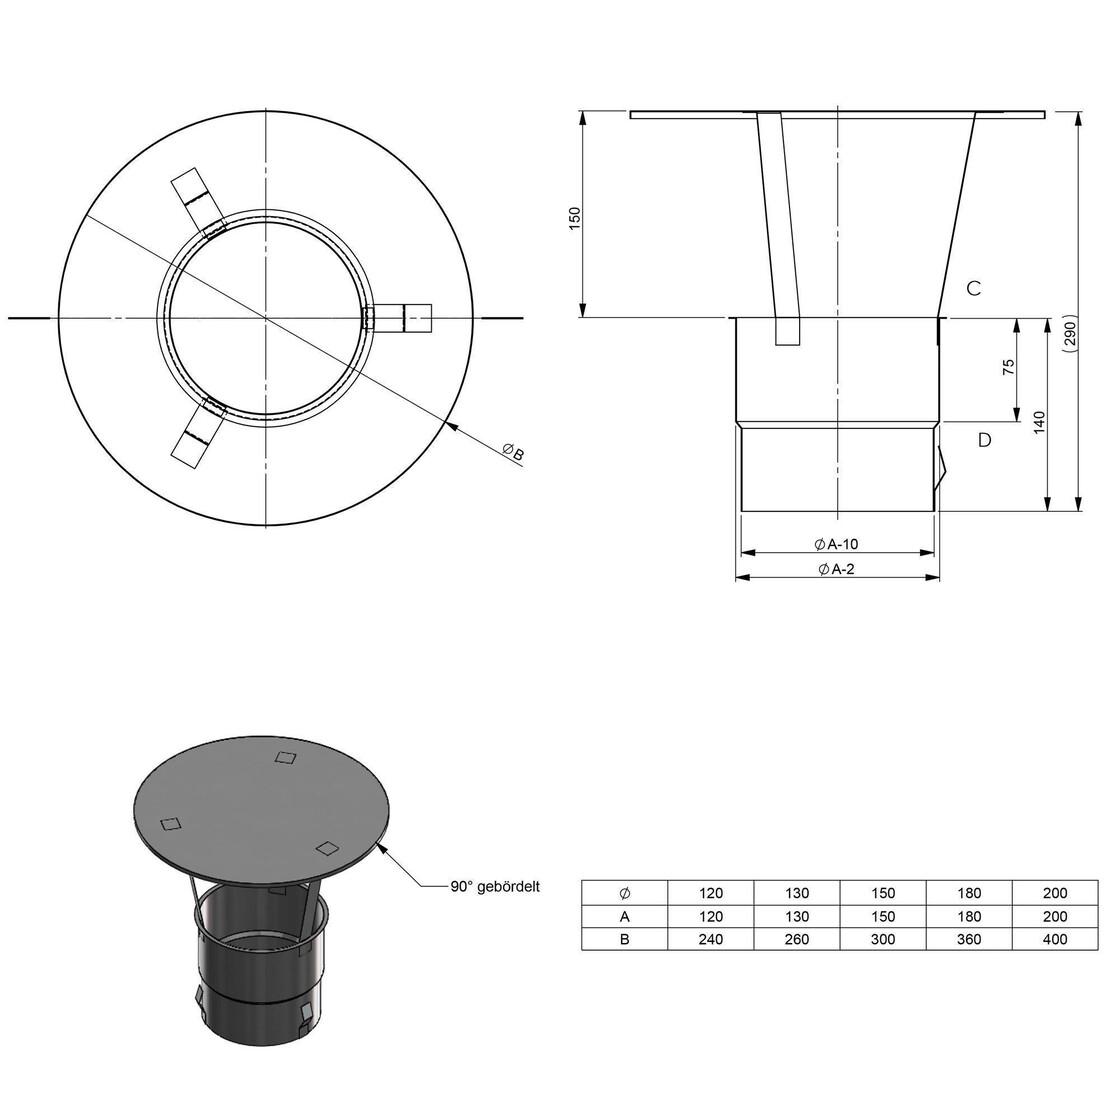 Kamin Regenhaube mit Einschub vier Federstahlkrallen am Stutzen Schornstein Innendurchmesser 300 mm